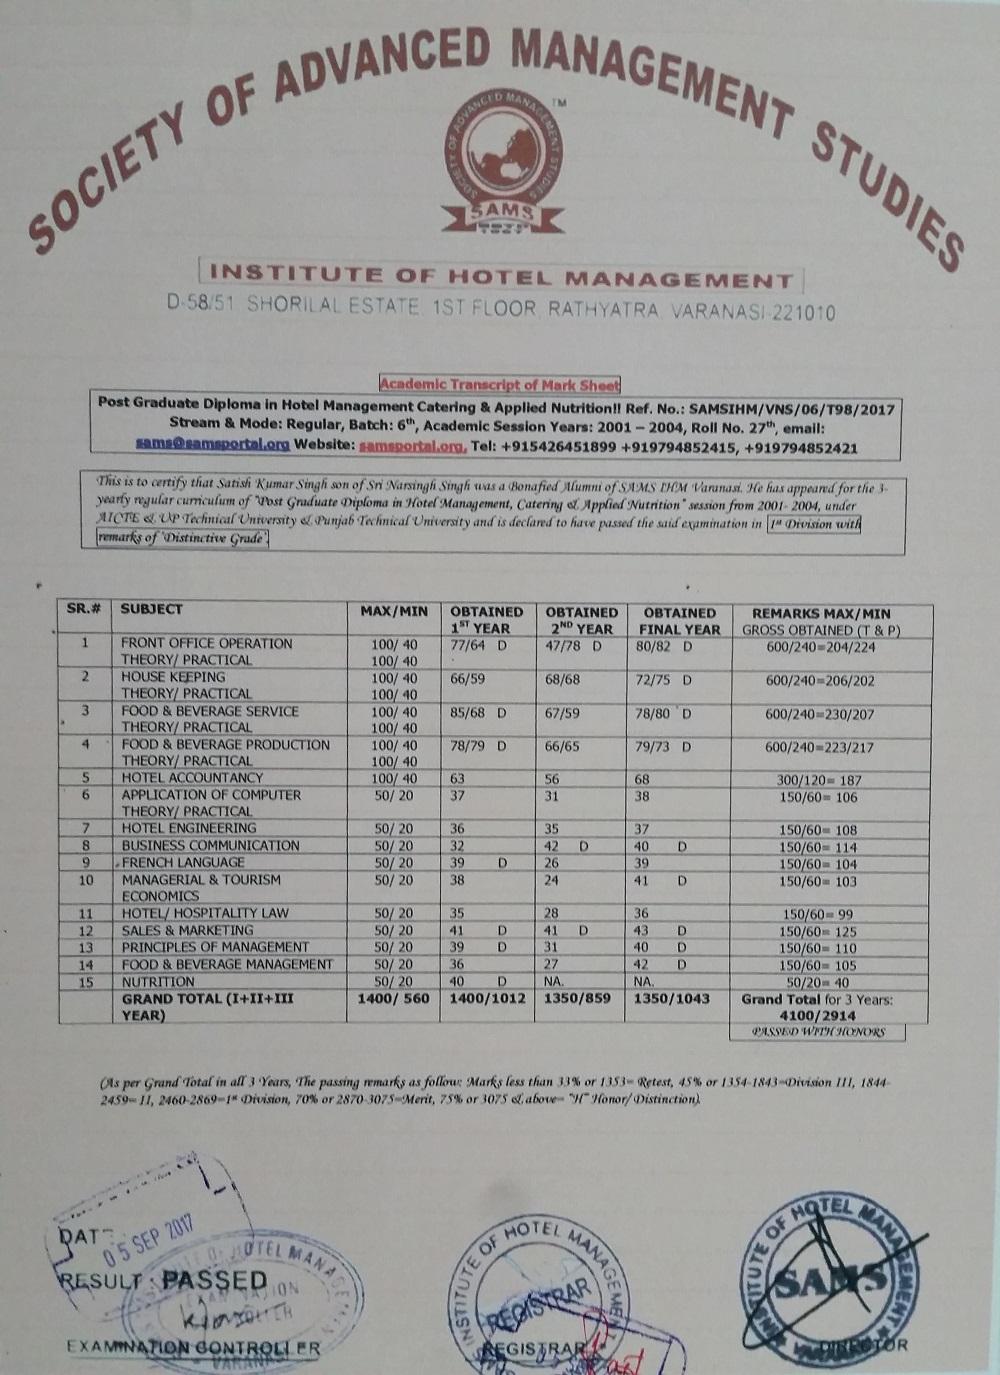 PG.Diploma.Hotel.Mgmgt.2001-2004.Transcript.jpg